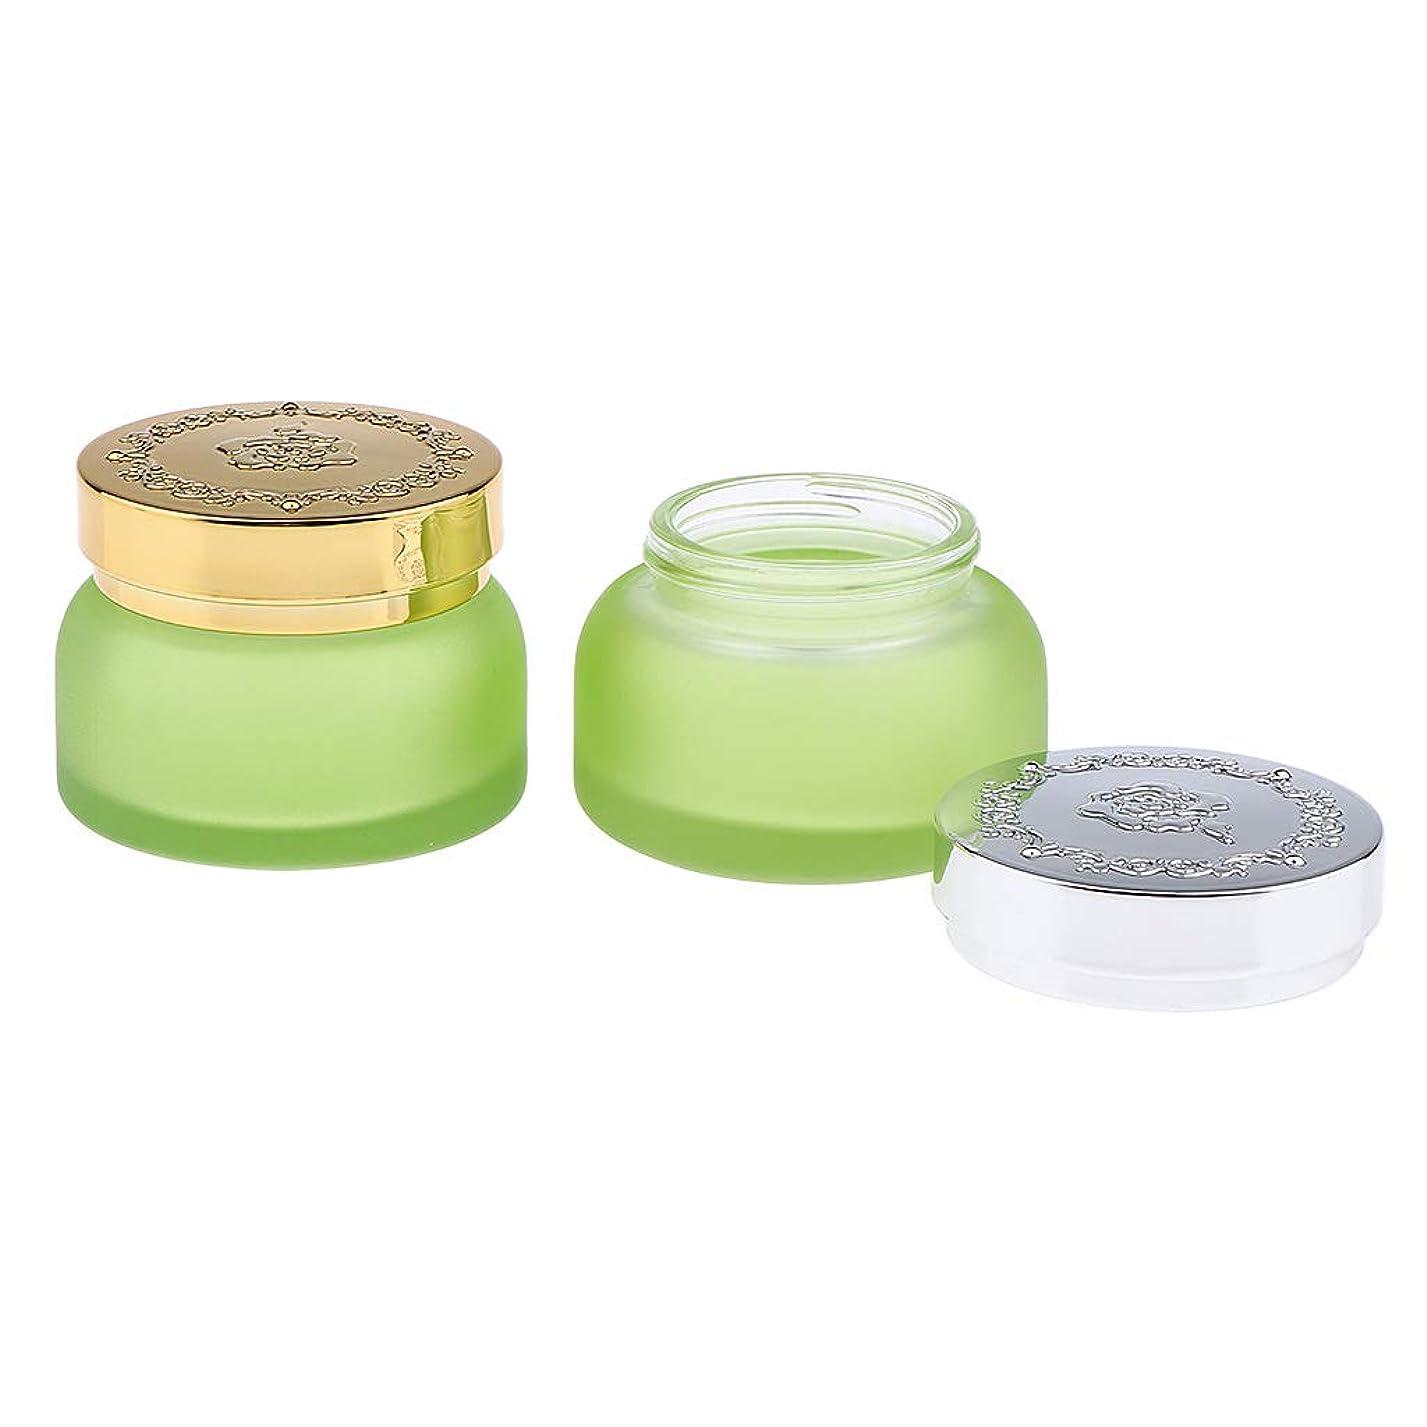 本体トチの実の木分泌するB Baosity 2個 フェイスクリーム 化粧品容器 ボトル ジャー ポット ポータブル 3タイプ選べ - 50gライトグリーン